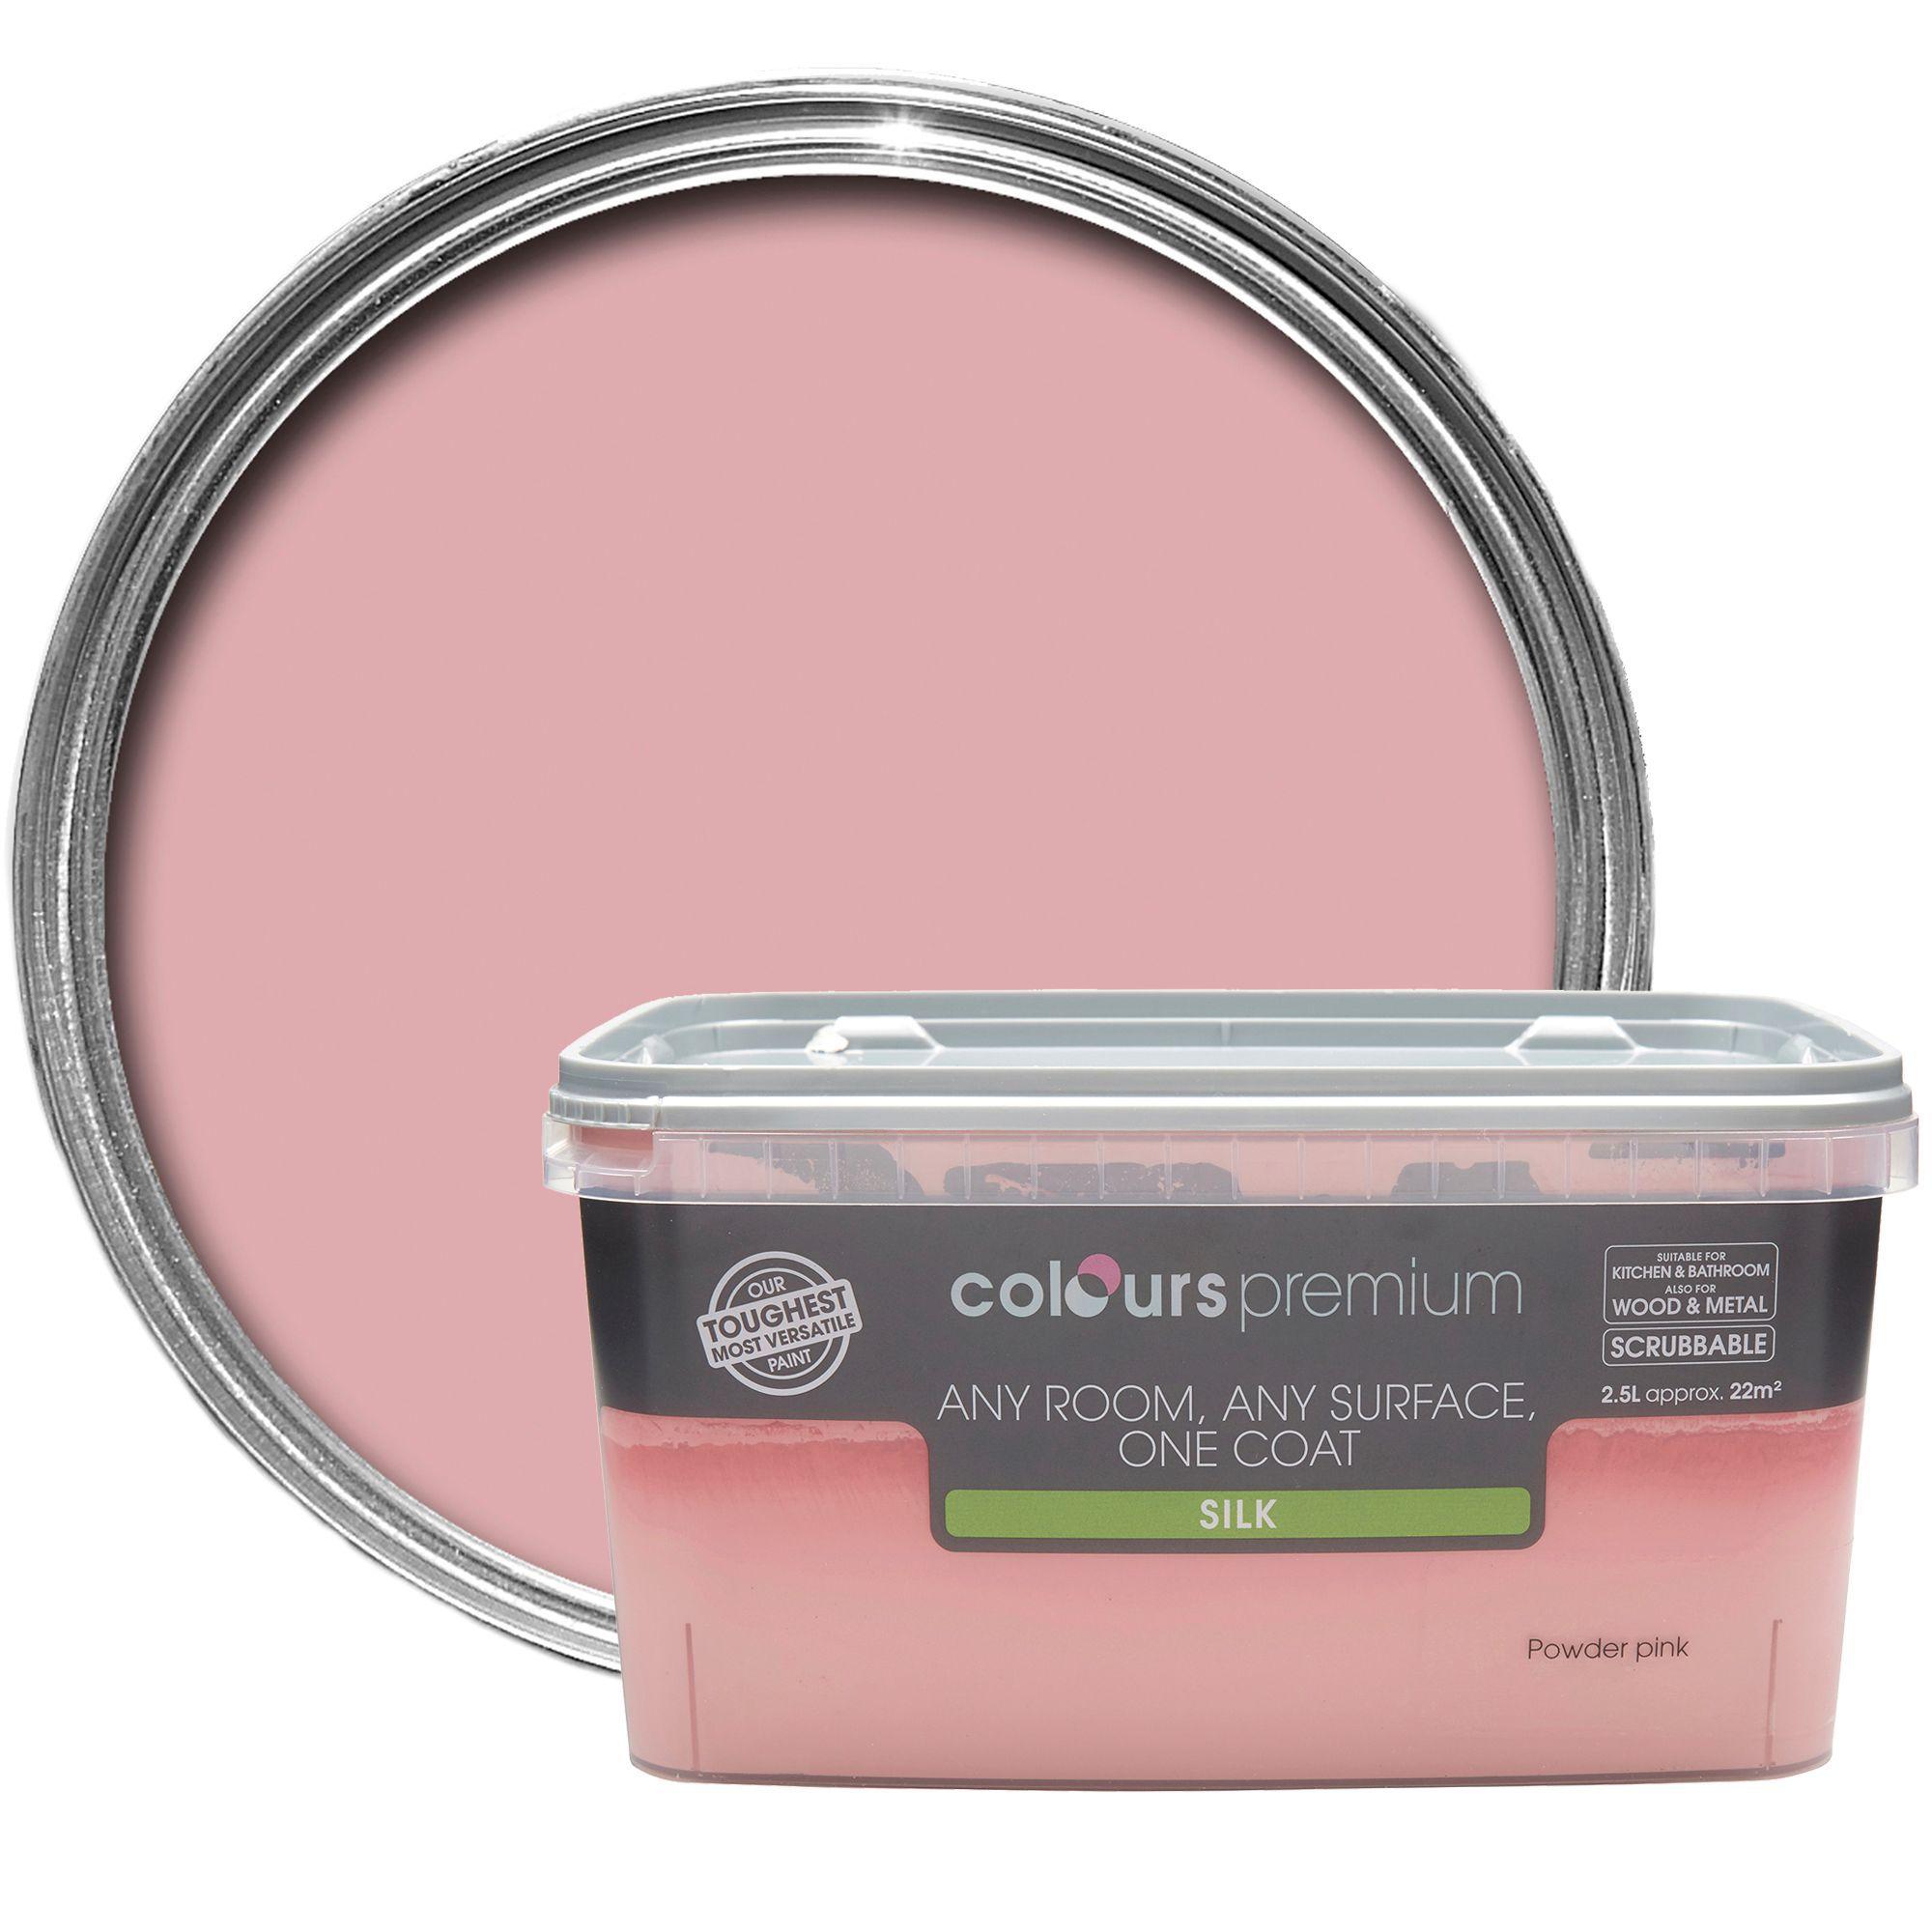 Colours Premium Powder Pink Silk Emulsion Paint 2.5l